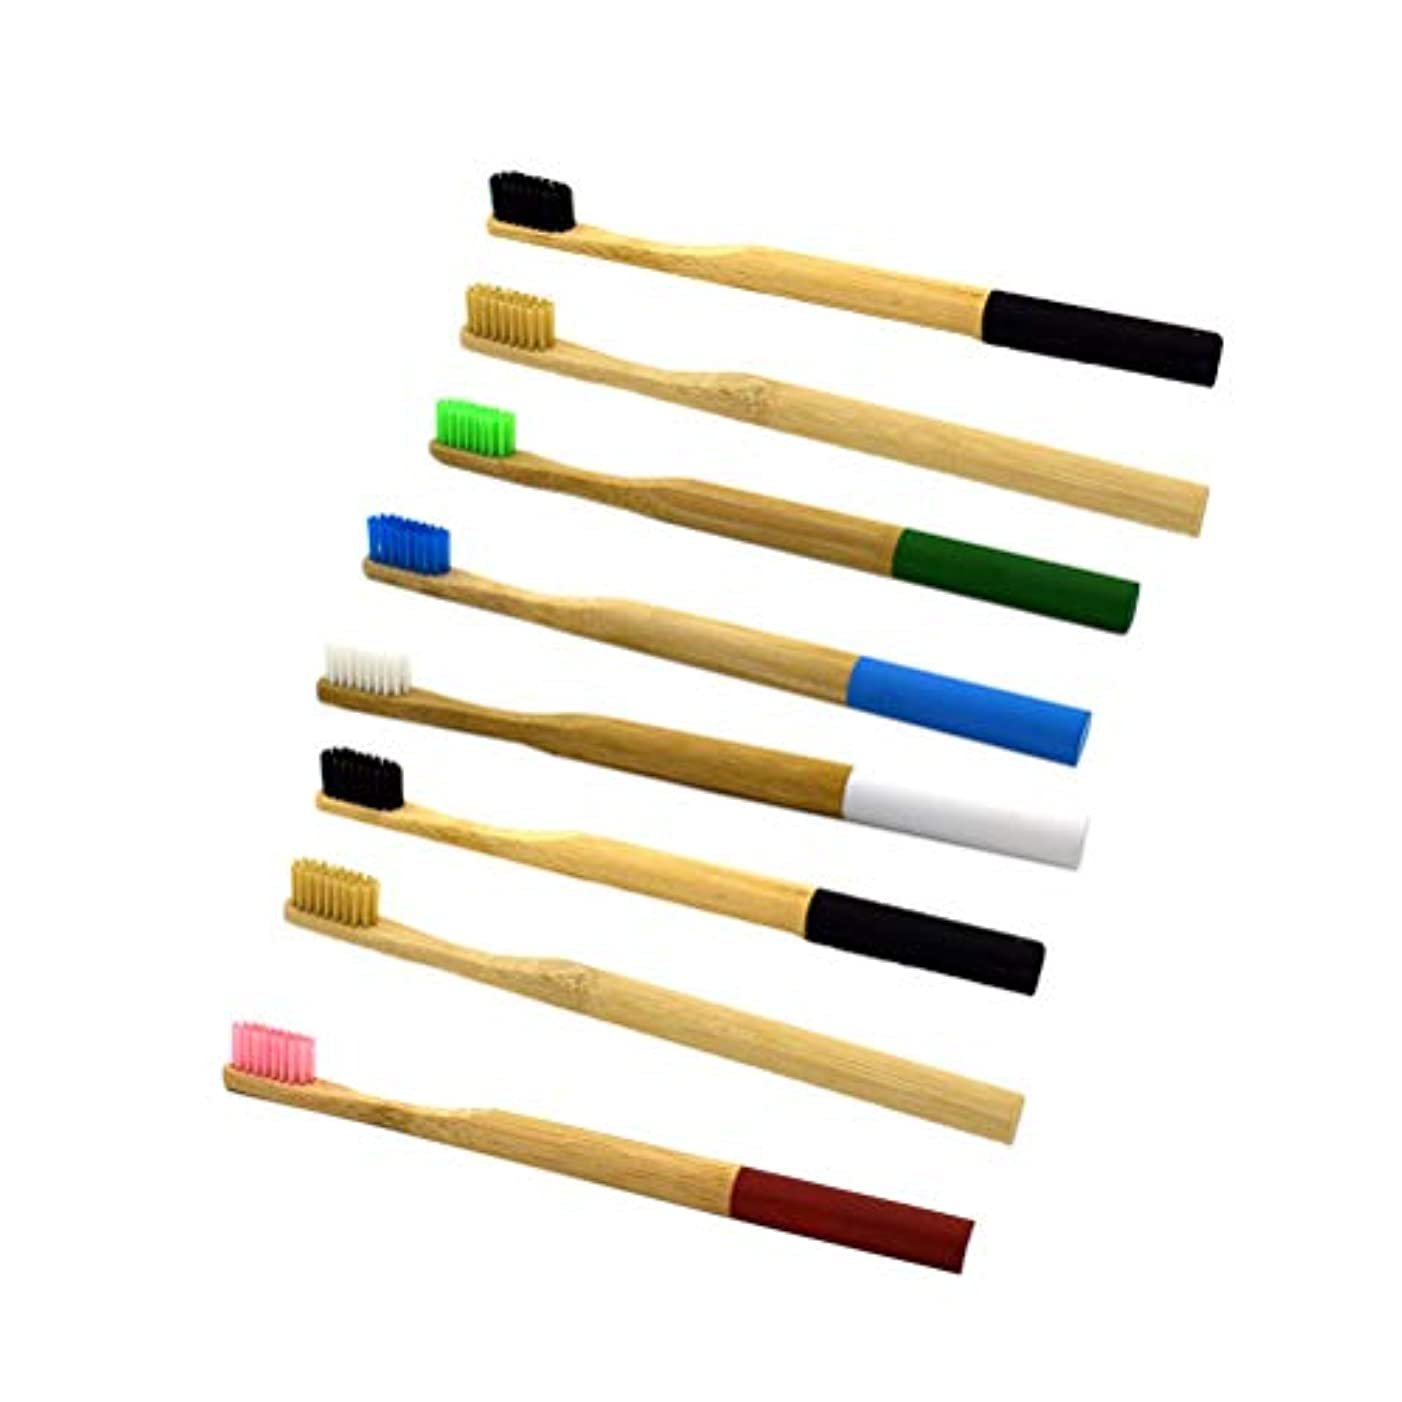 どうしたの人類航空機Healifty 8本 竹炭の歯ブラシ 竹の歯ブラシ 分解性 環境保護の歯ブラシ 天然の柔らかいブラシ 混合色 4本入